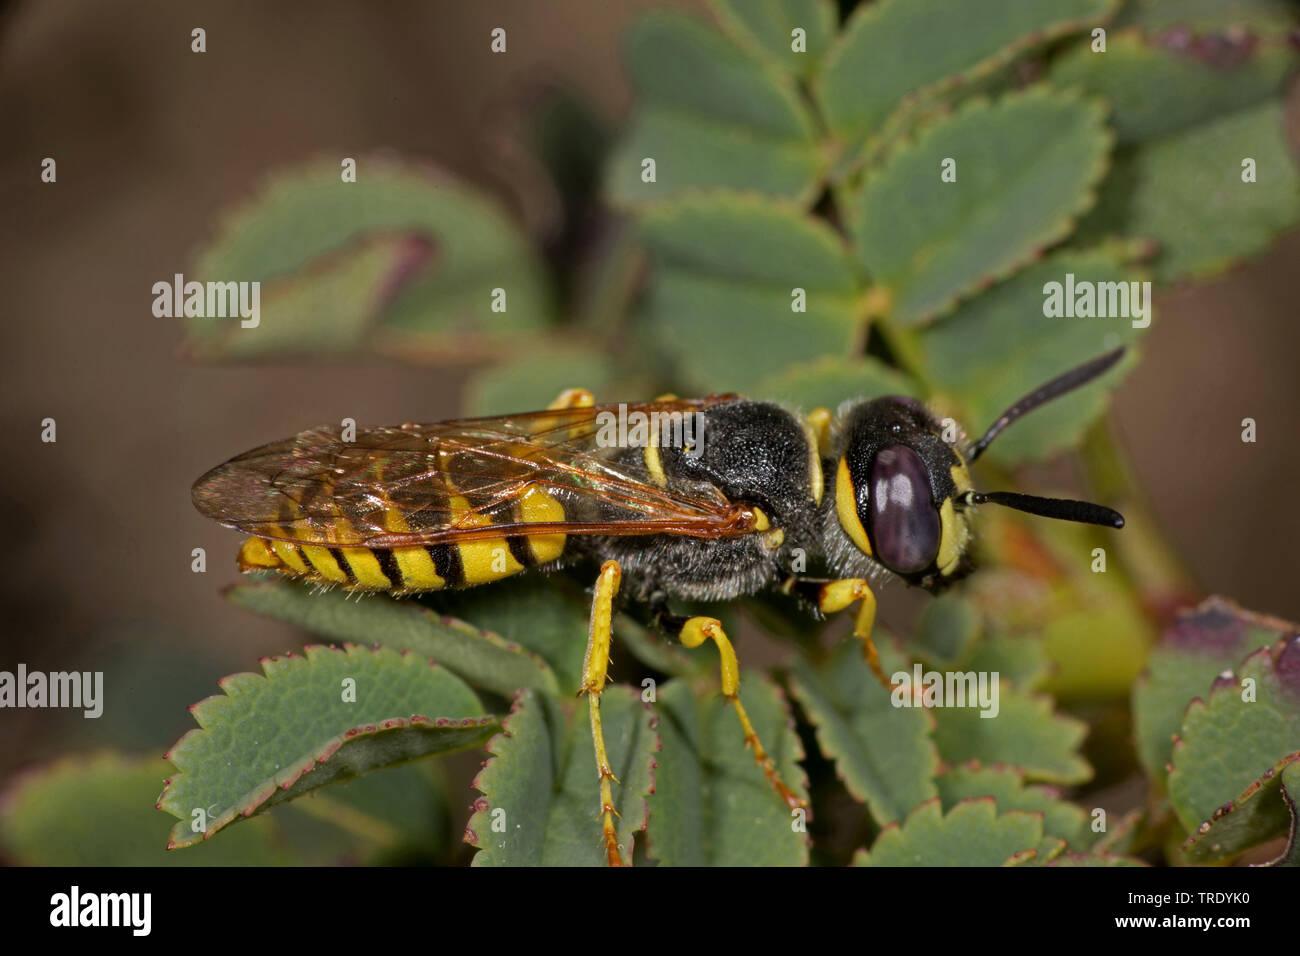 Bienenwolf, Europaeischer Bienenwolf (Philanthus triangulum, Philanthus apivorus), sitzt auf einem Blatt, Deutschland | Bee-killer wasp, Bee-killer (P - Stock Image